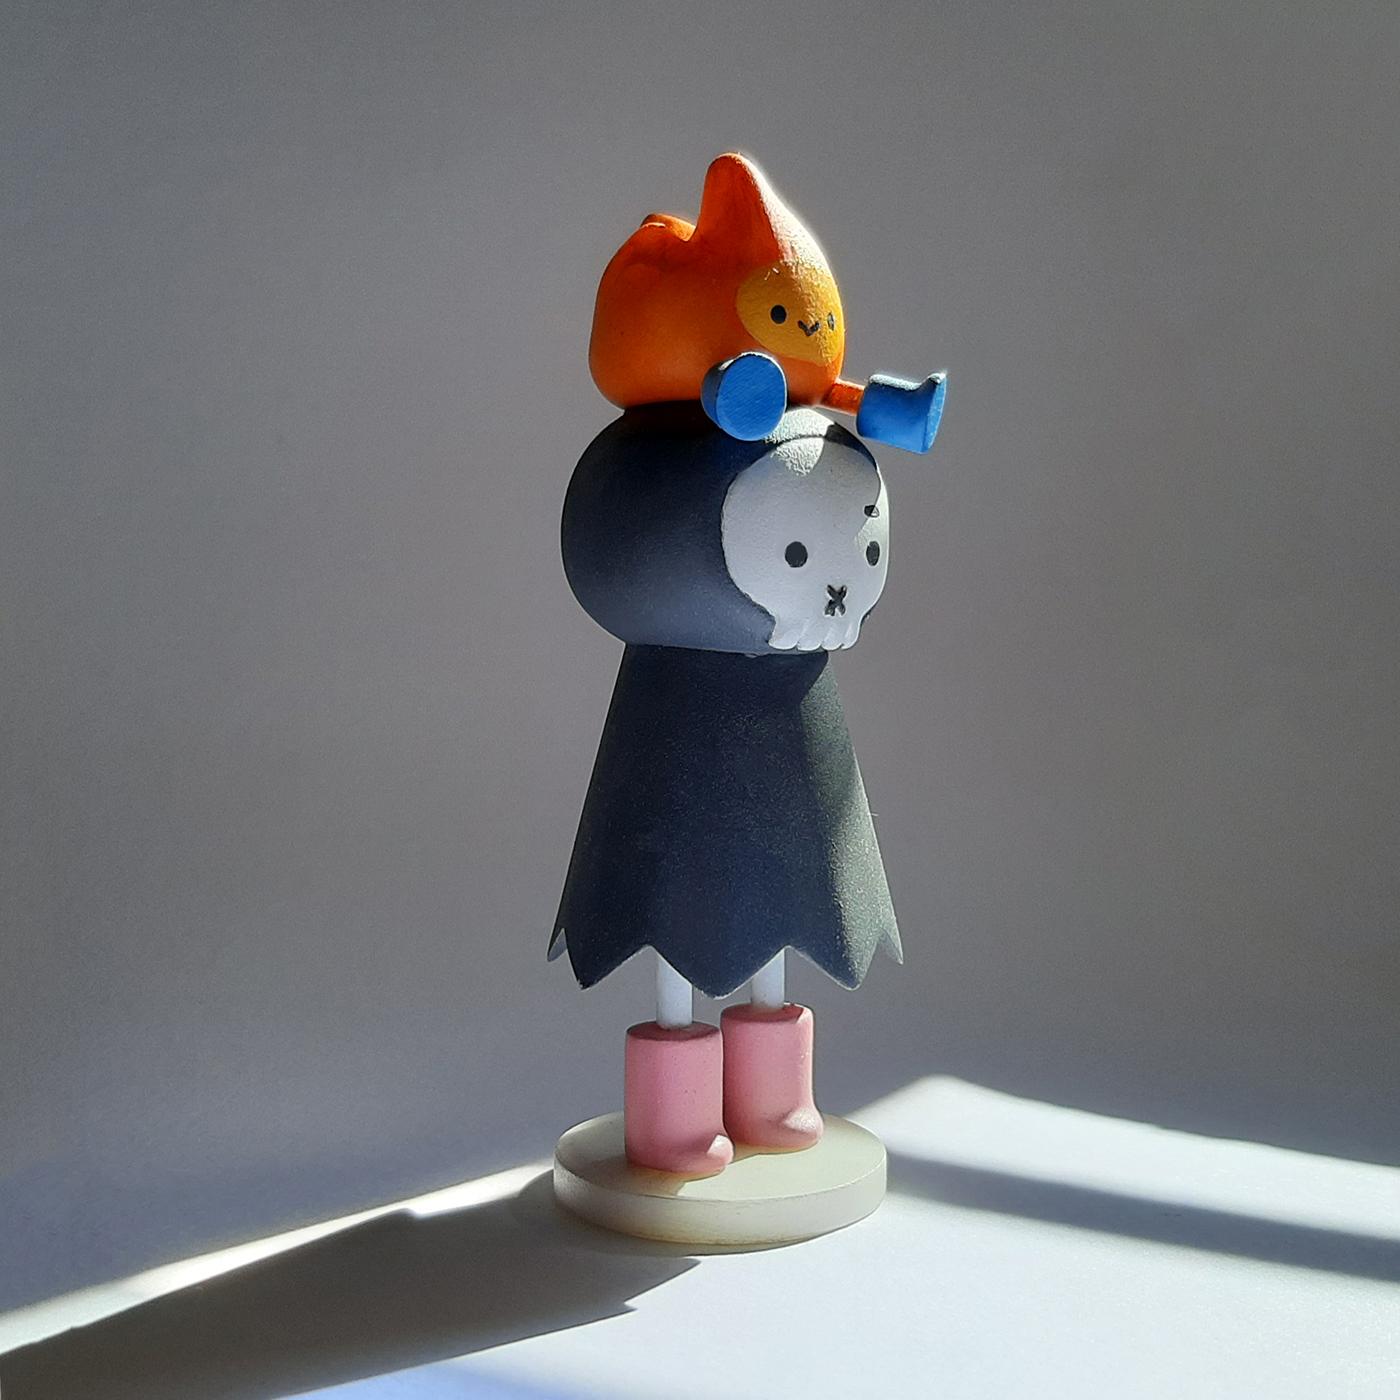 3D acrylic art toy figure